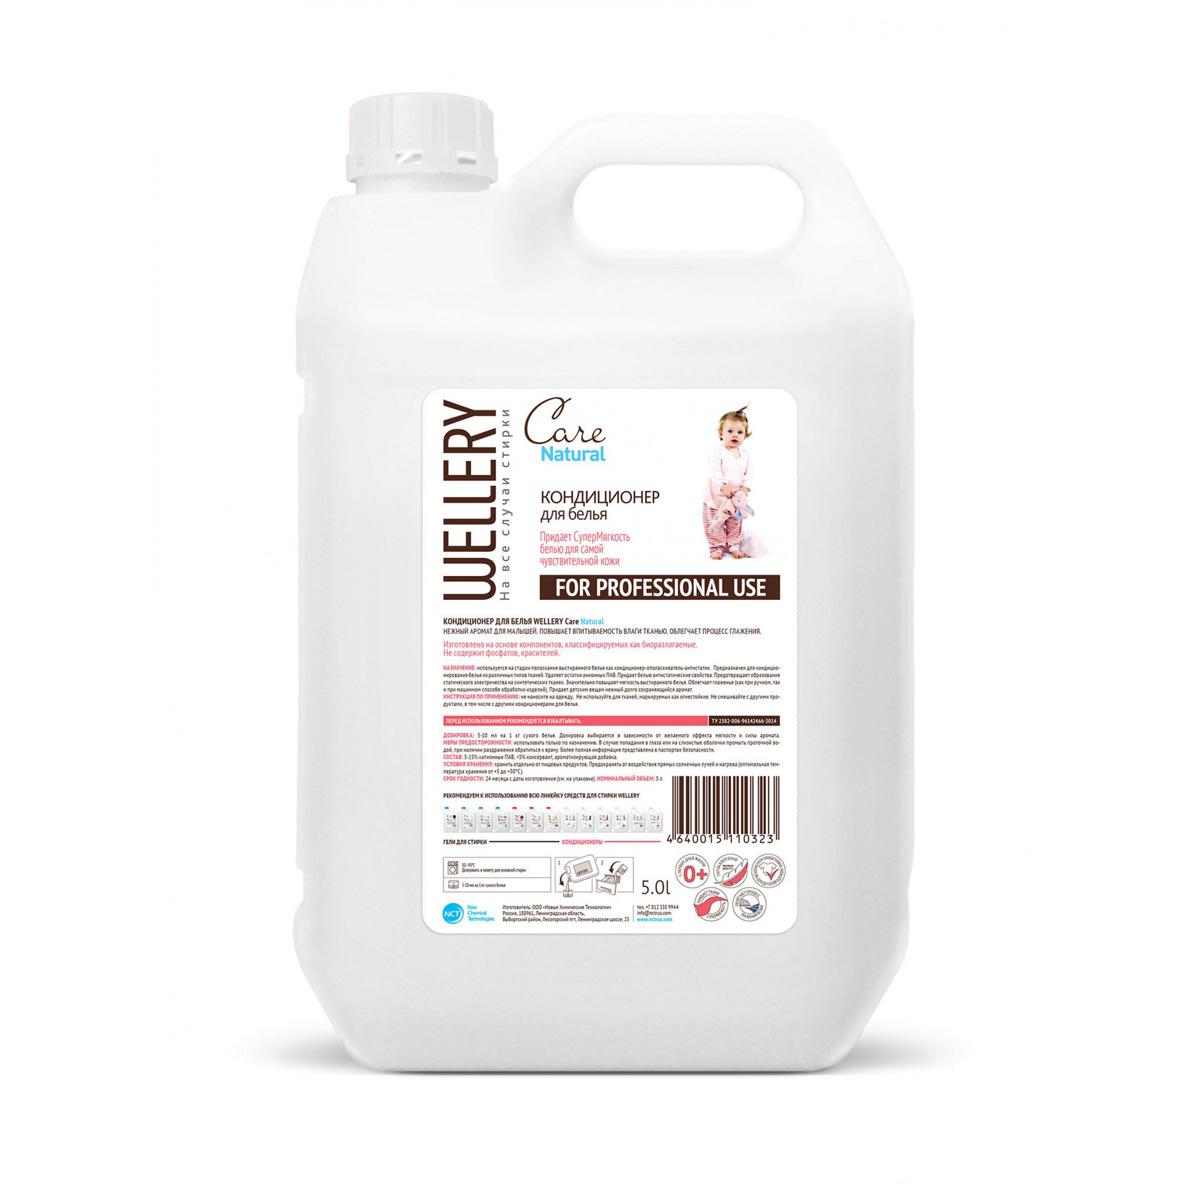 Кондиционер для детского белья Wellery Care Natural, гипоаллергенный, с ароматом ванильной ириски, 5 л4640015110552Кондиционер с ароматом ванильной ириски гипоаллергенен, подойдет для детей любого возраста. Придает вещам мягкость, антистатический эффект, повышает впитываемость влаги тканью. Помогает при глажке белья, утюг легче скользит по ткани.